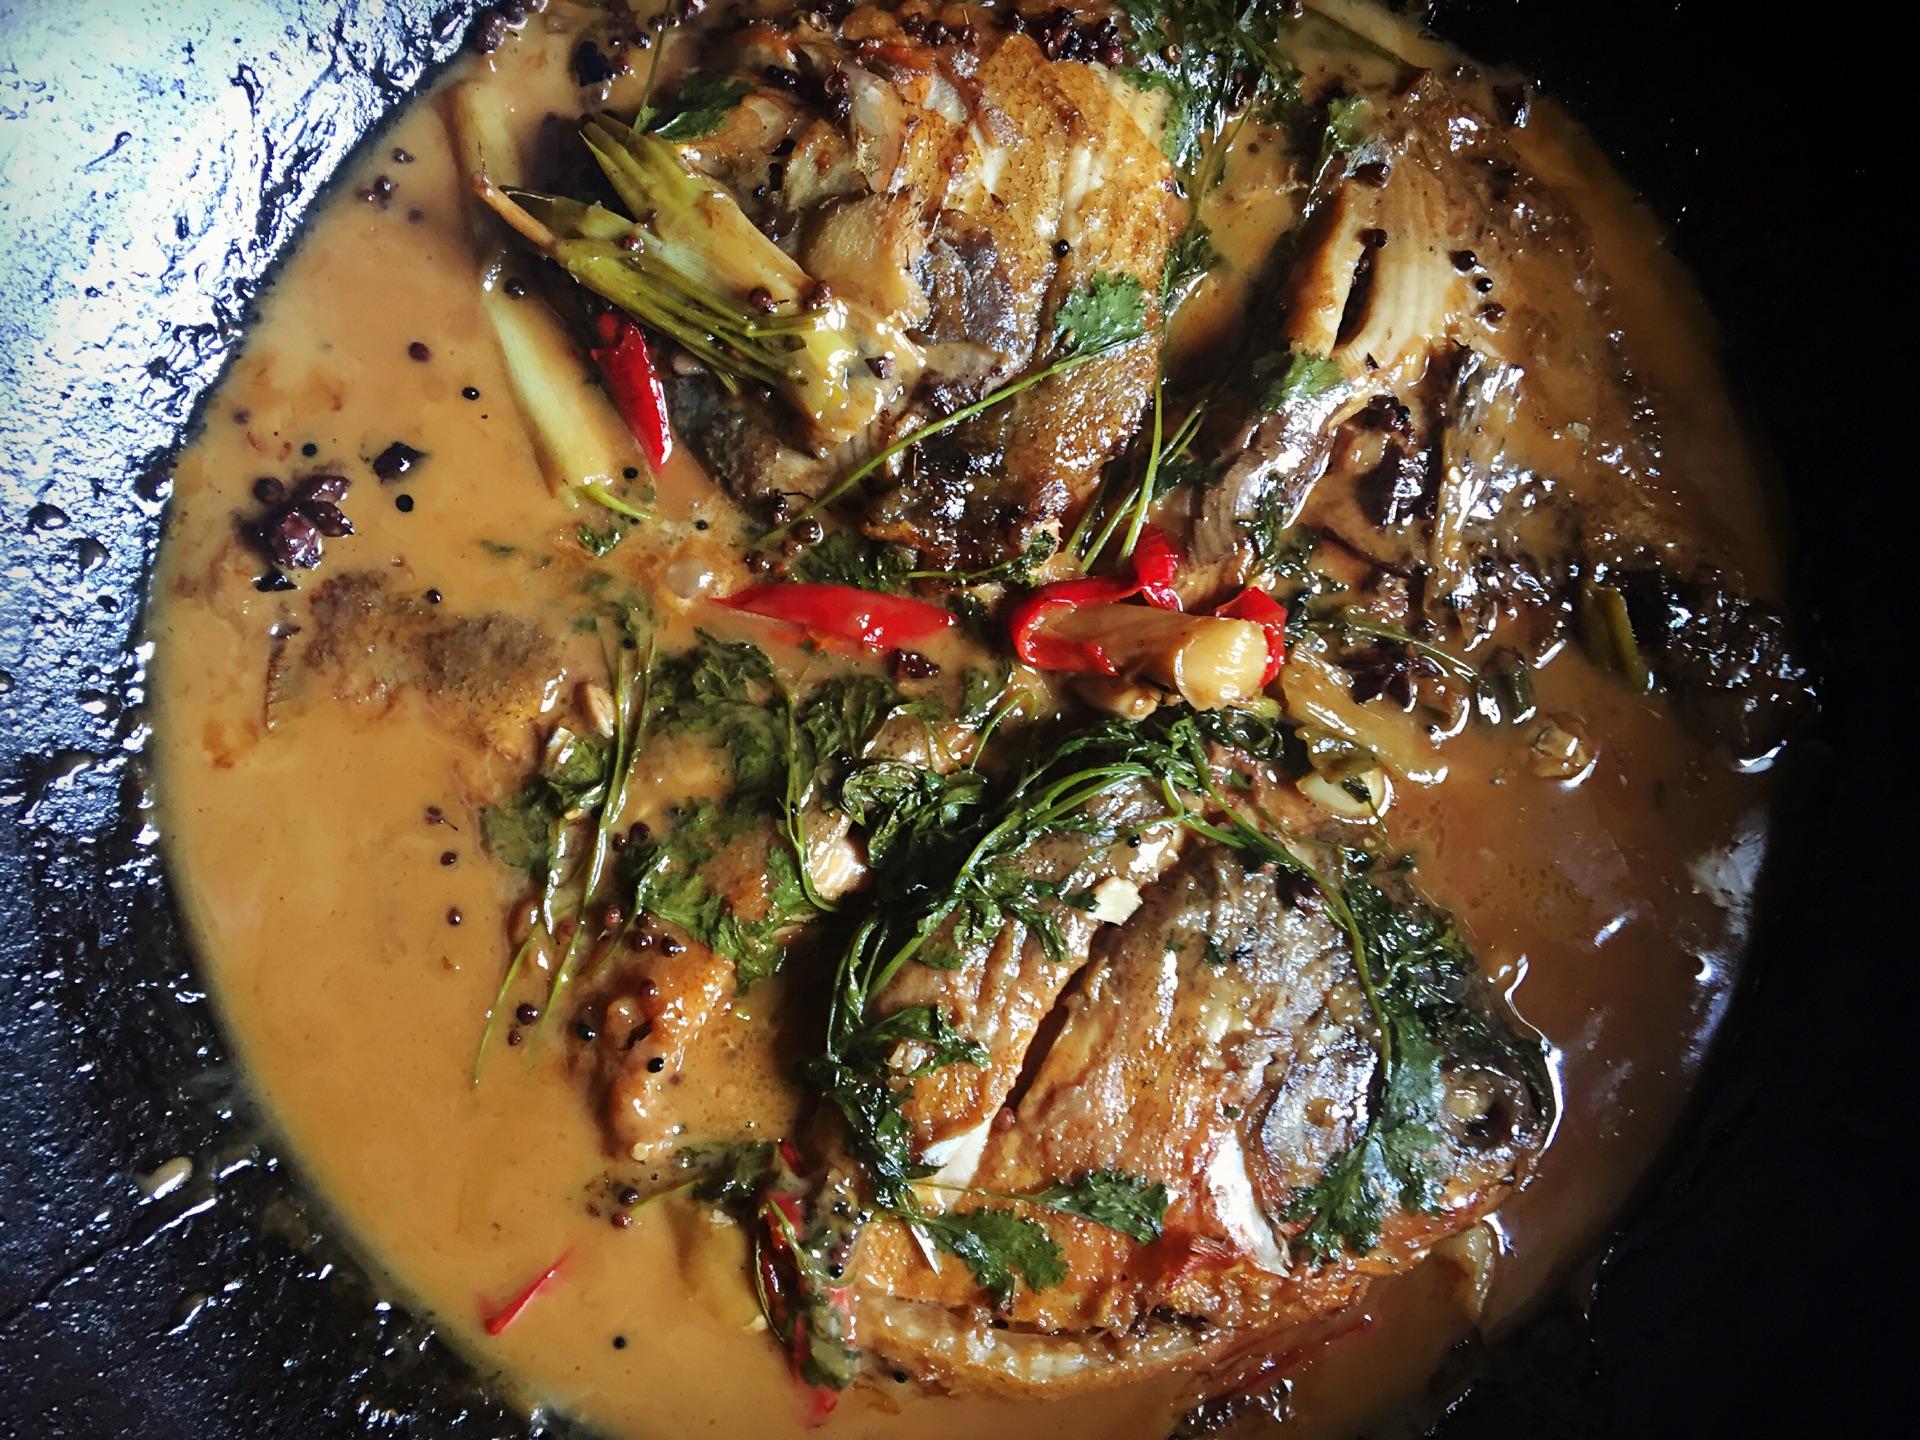 菜谱炖铁锅白鲳鱼的美食_淡水_豆果鸡胸怎么用电饭煲蒸做法肉图片